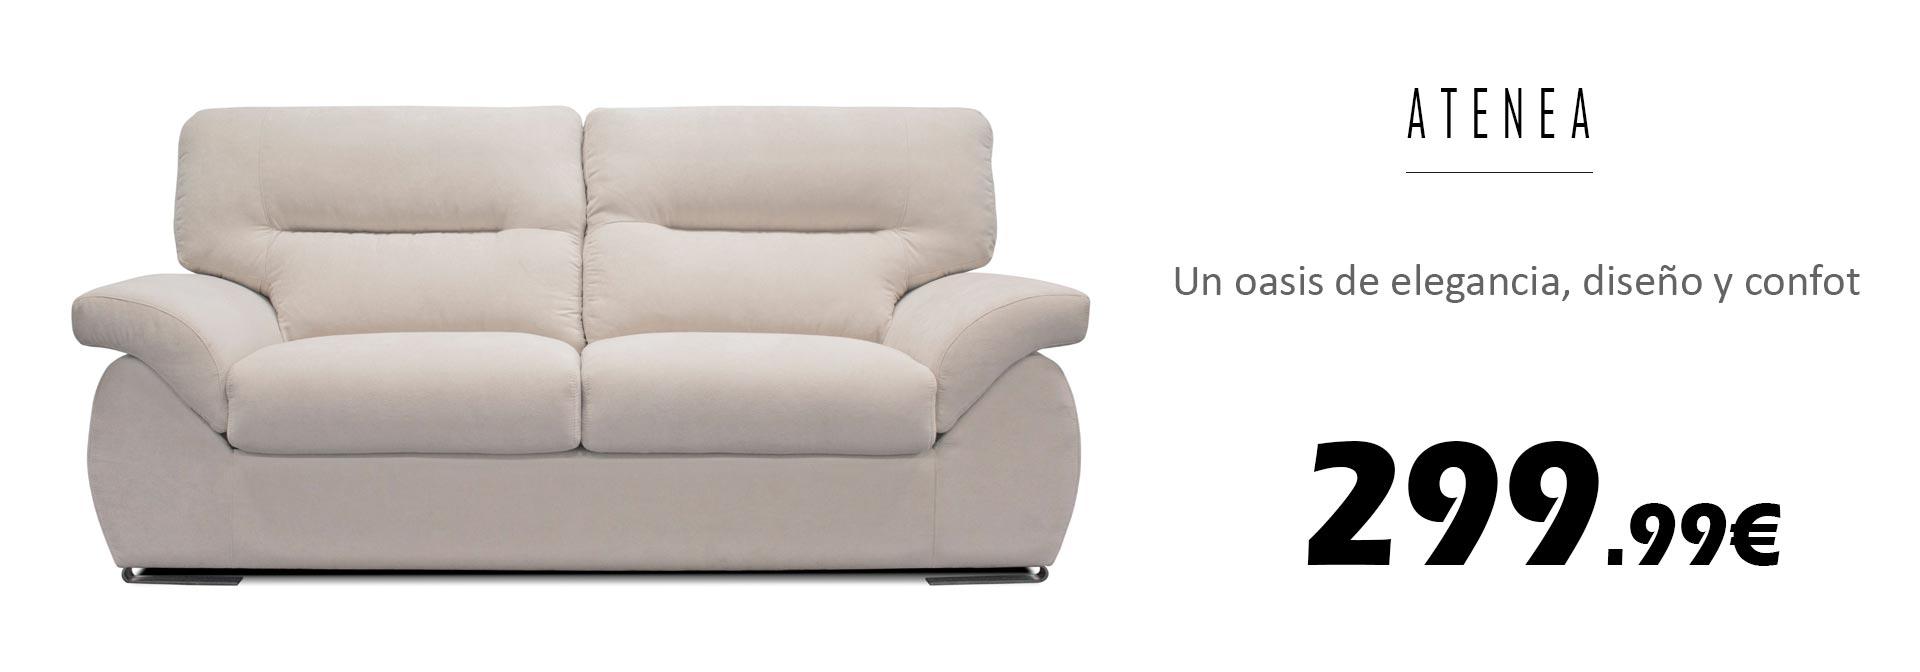 Sofa atenea1